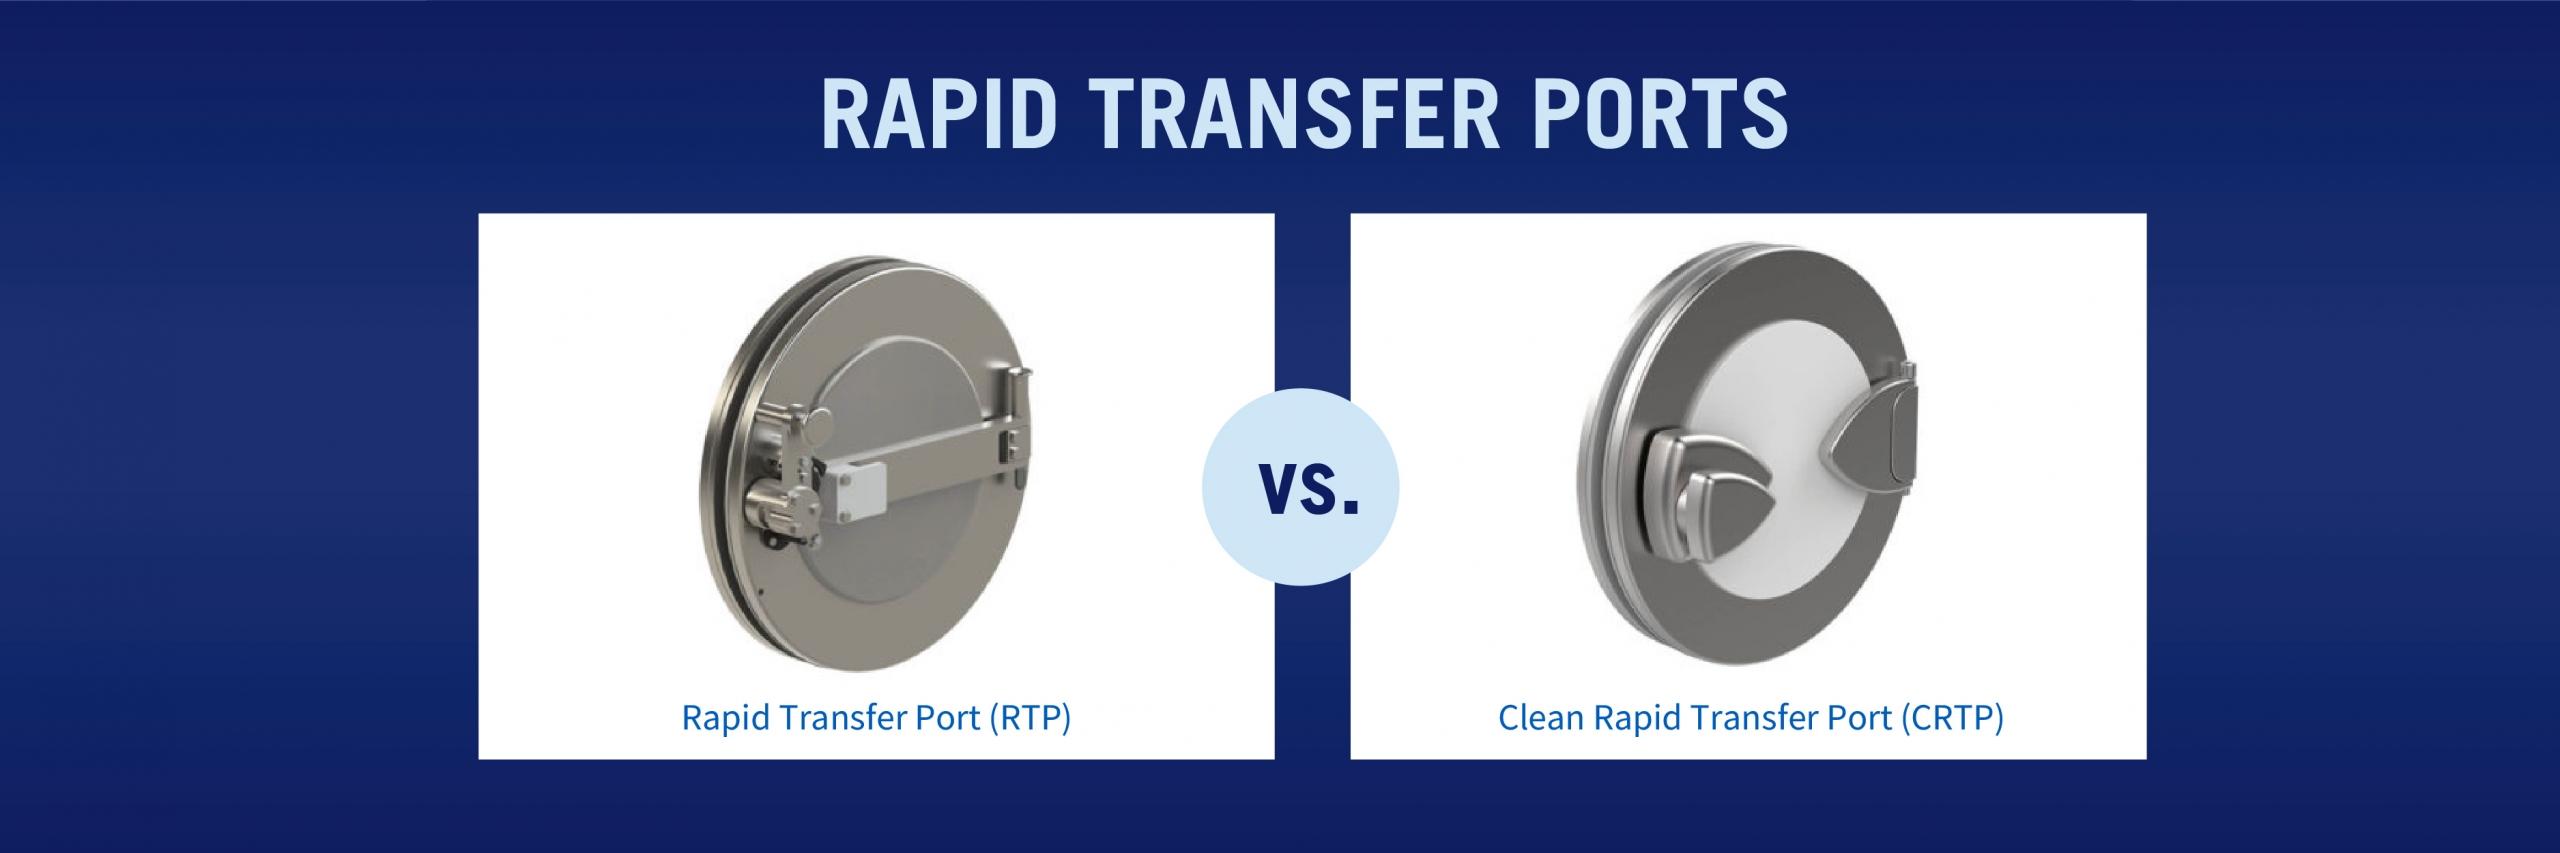 RTP vs CRTP